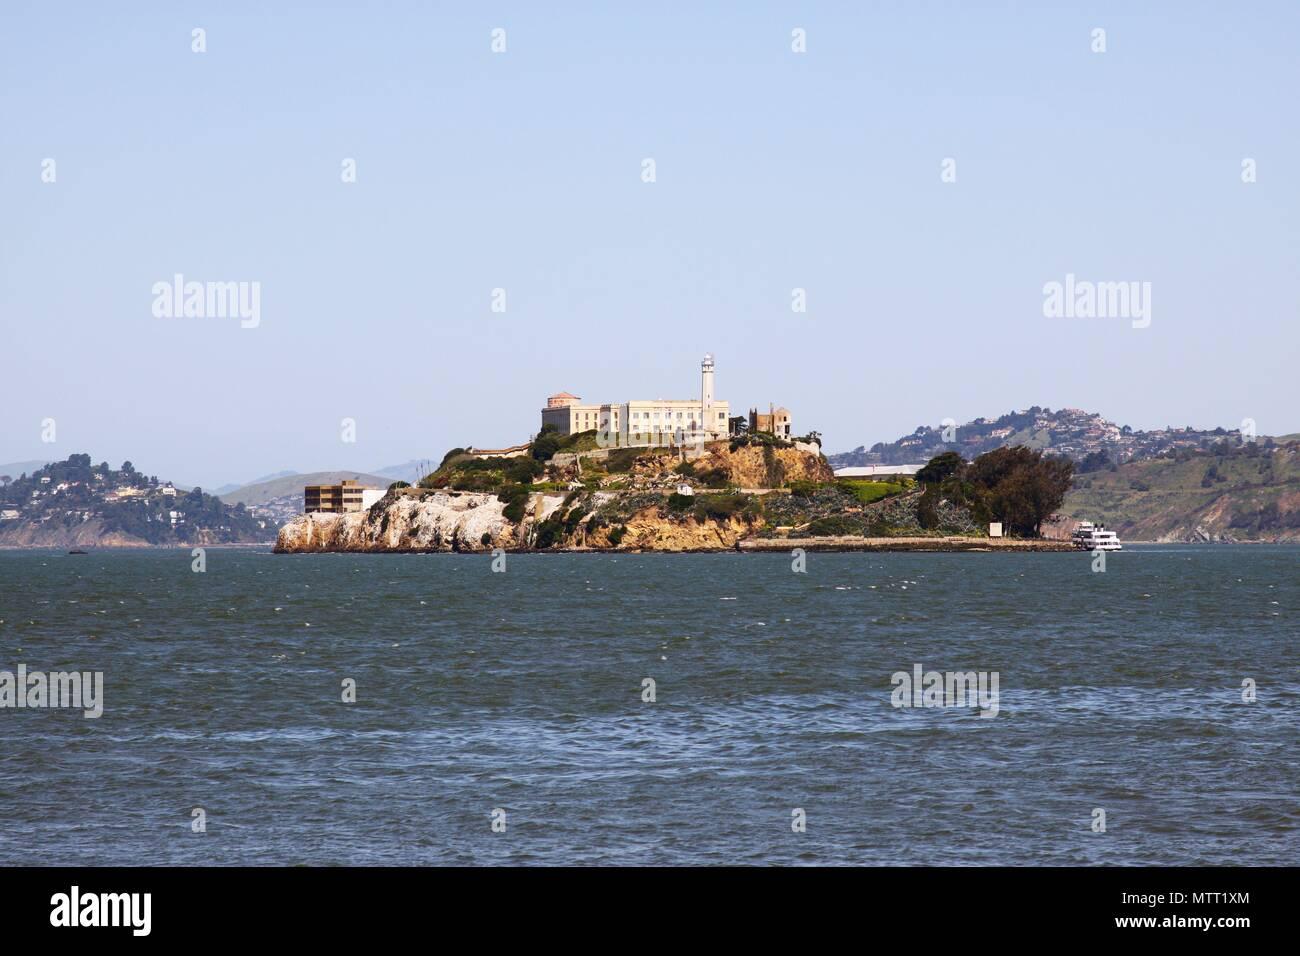 The Alcatraz prison - Stock Image